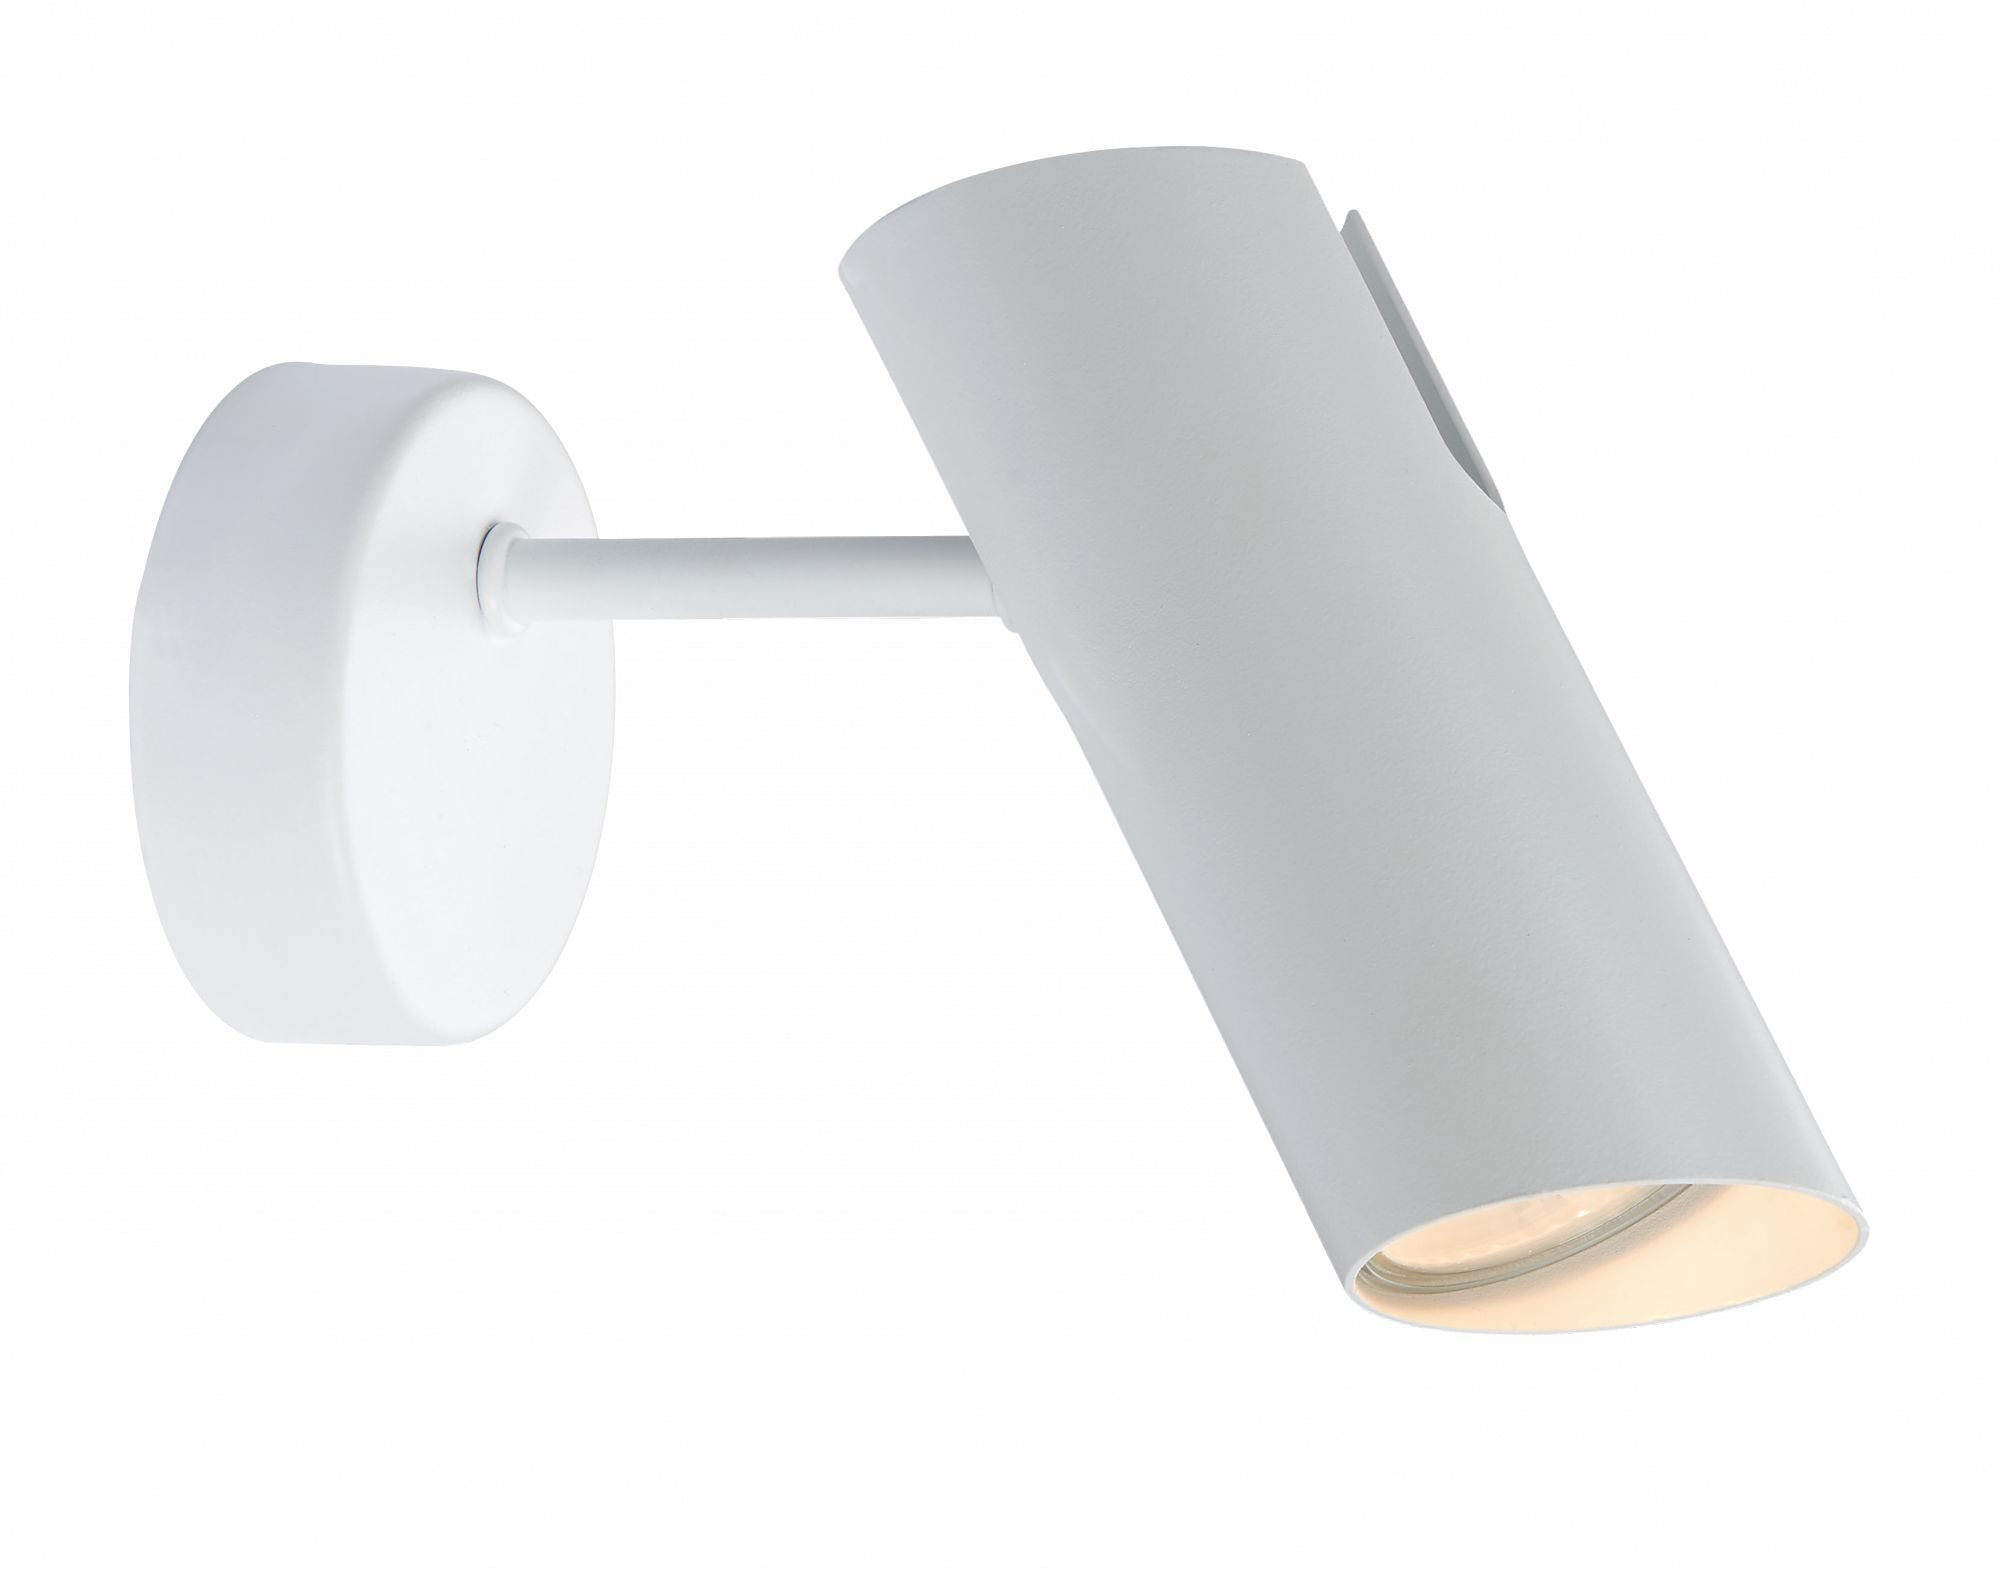 Kinkiet Futuro LP-17001/1W WH Light Prestige minimalistyczna lampa ścienna w kolorze białym